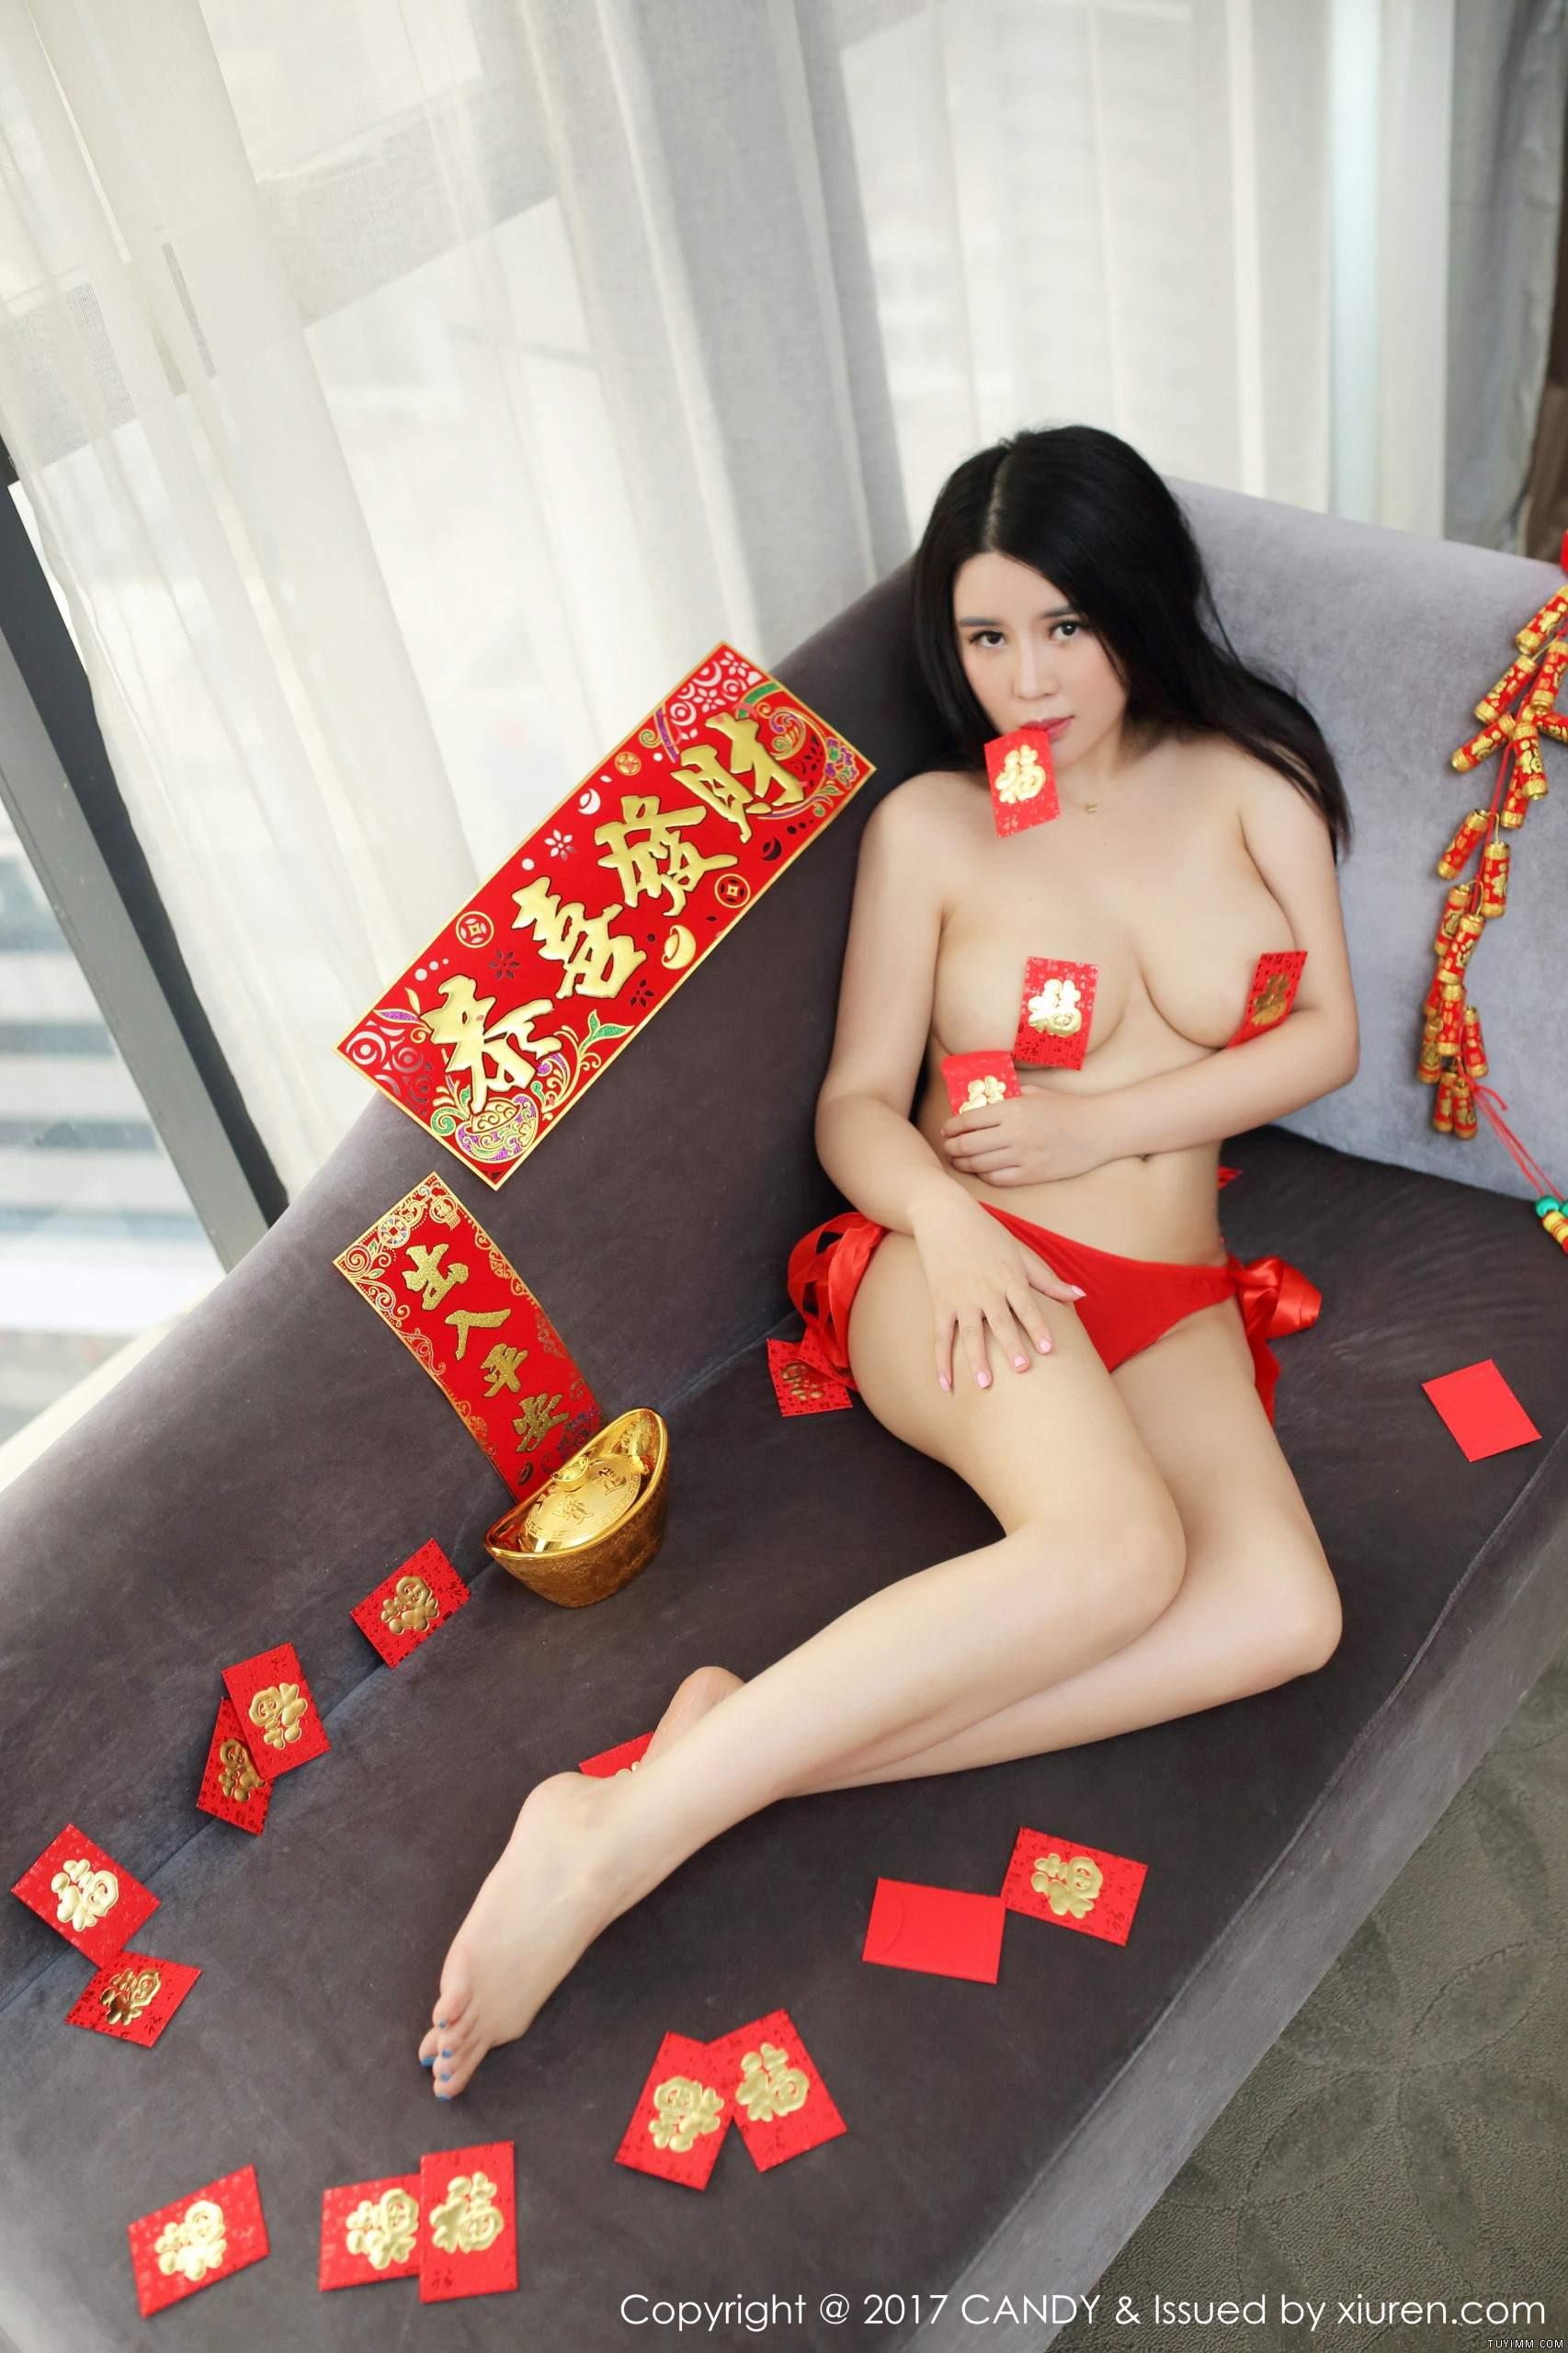 """[福利]红女郎的""""小刀娱乐资源网""""-第4张图片-哔哔娱乐网"""